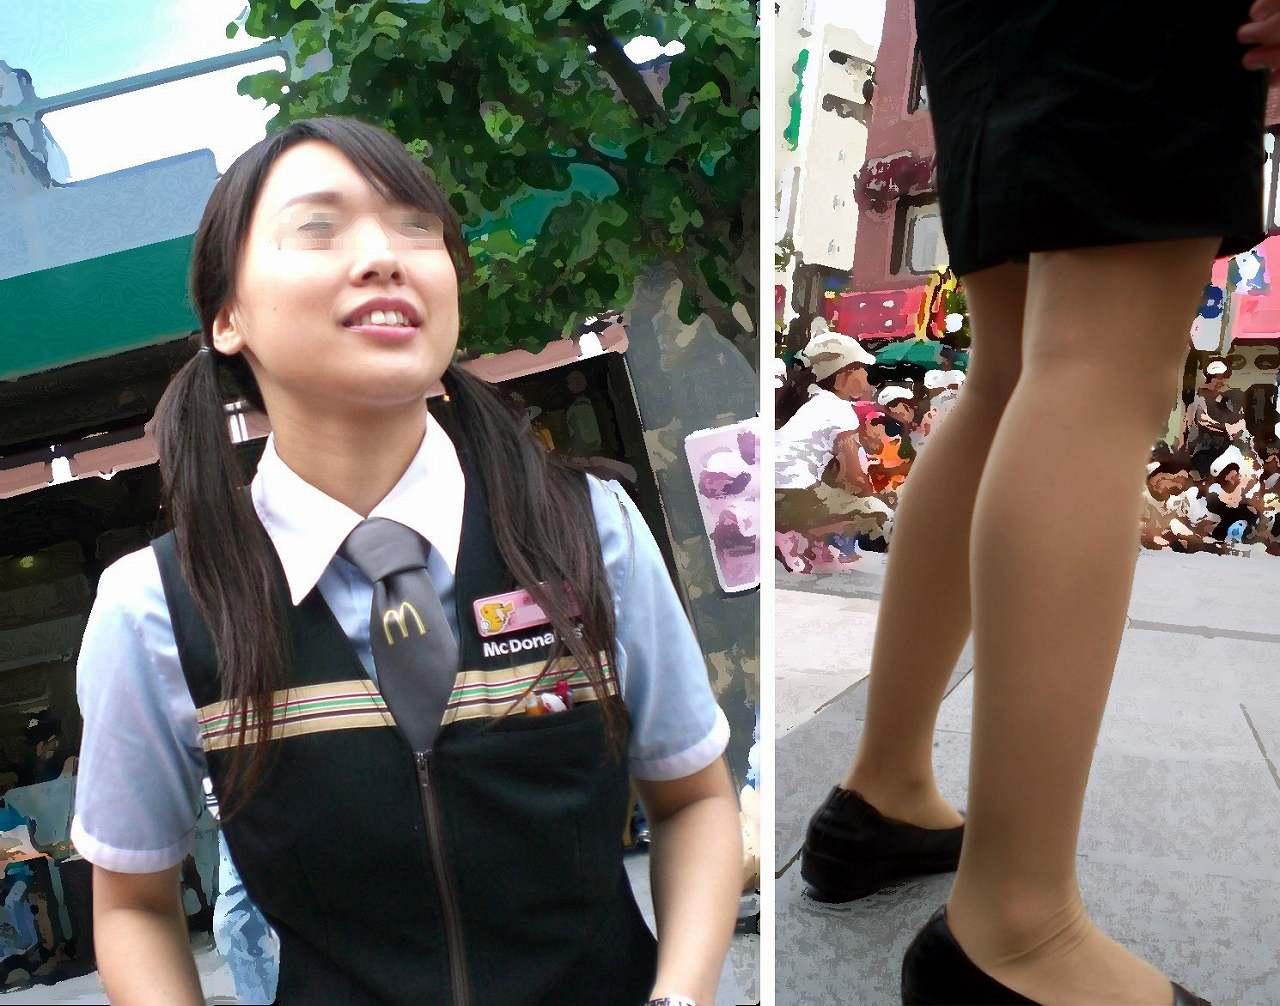 ツインテールが可愛い店員の美脚を接写撮り!